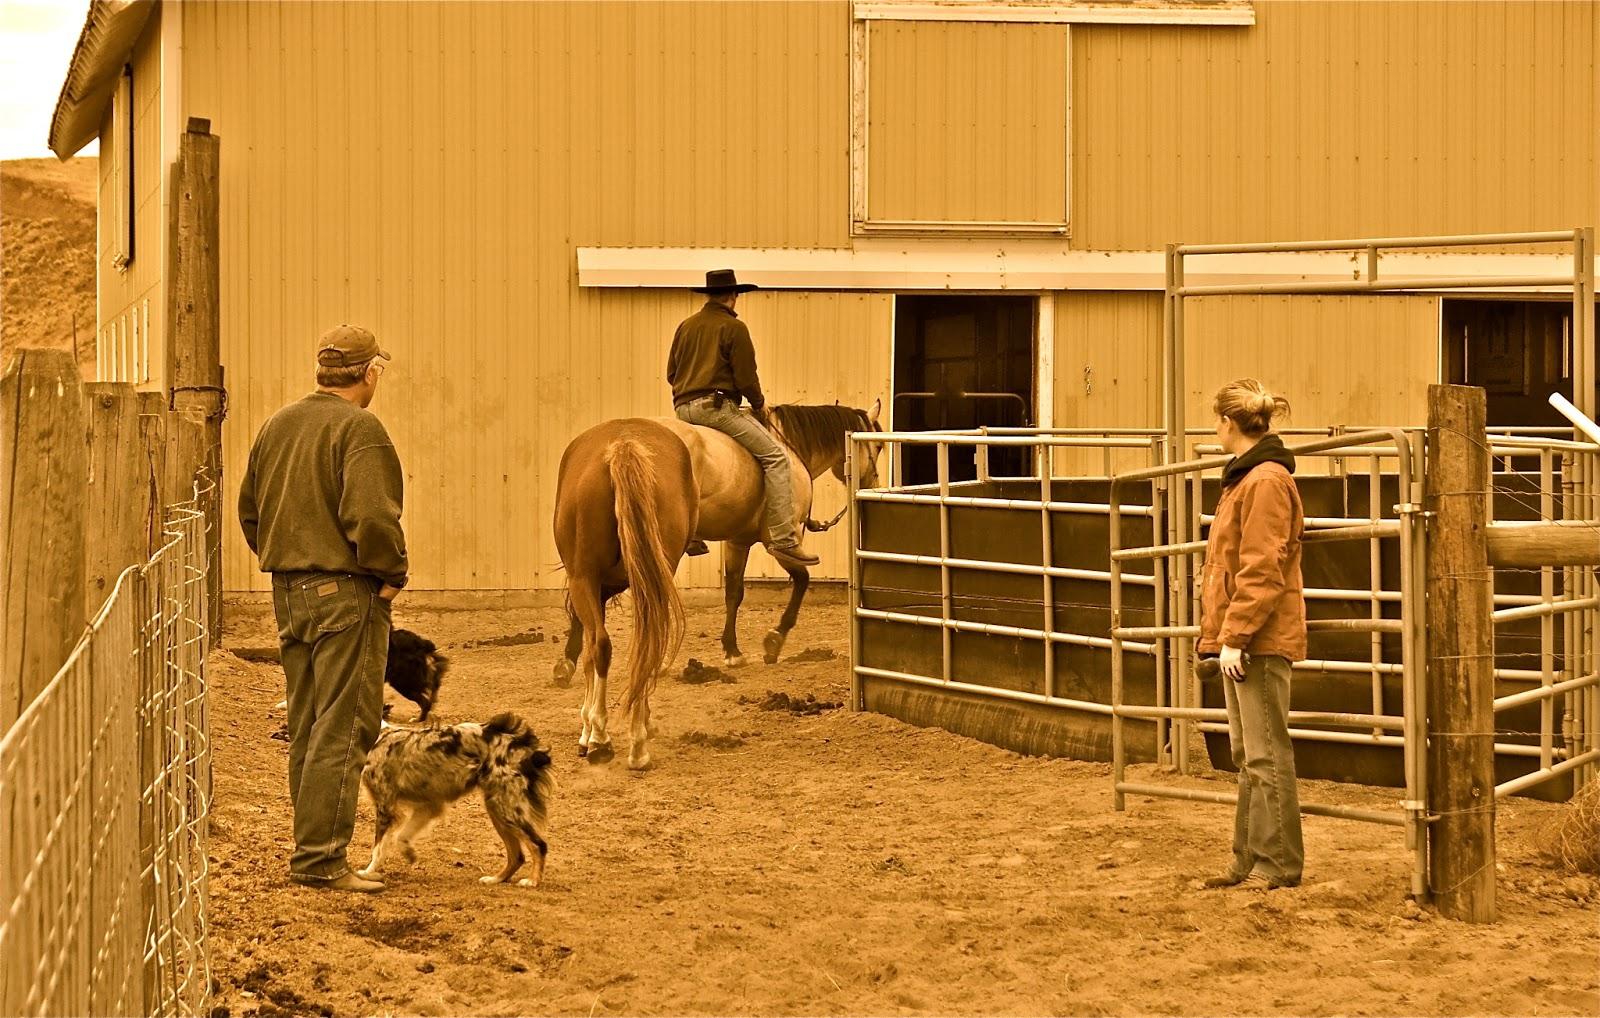 Pastores Australianos com cavalos